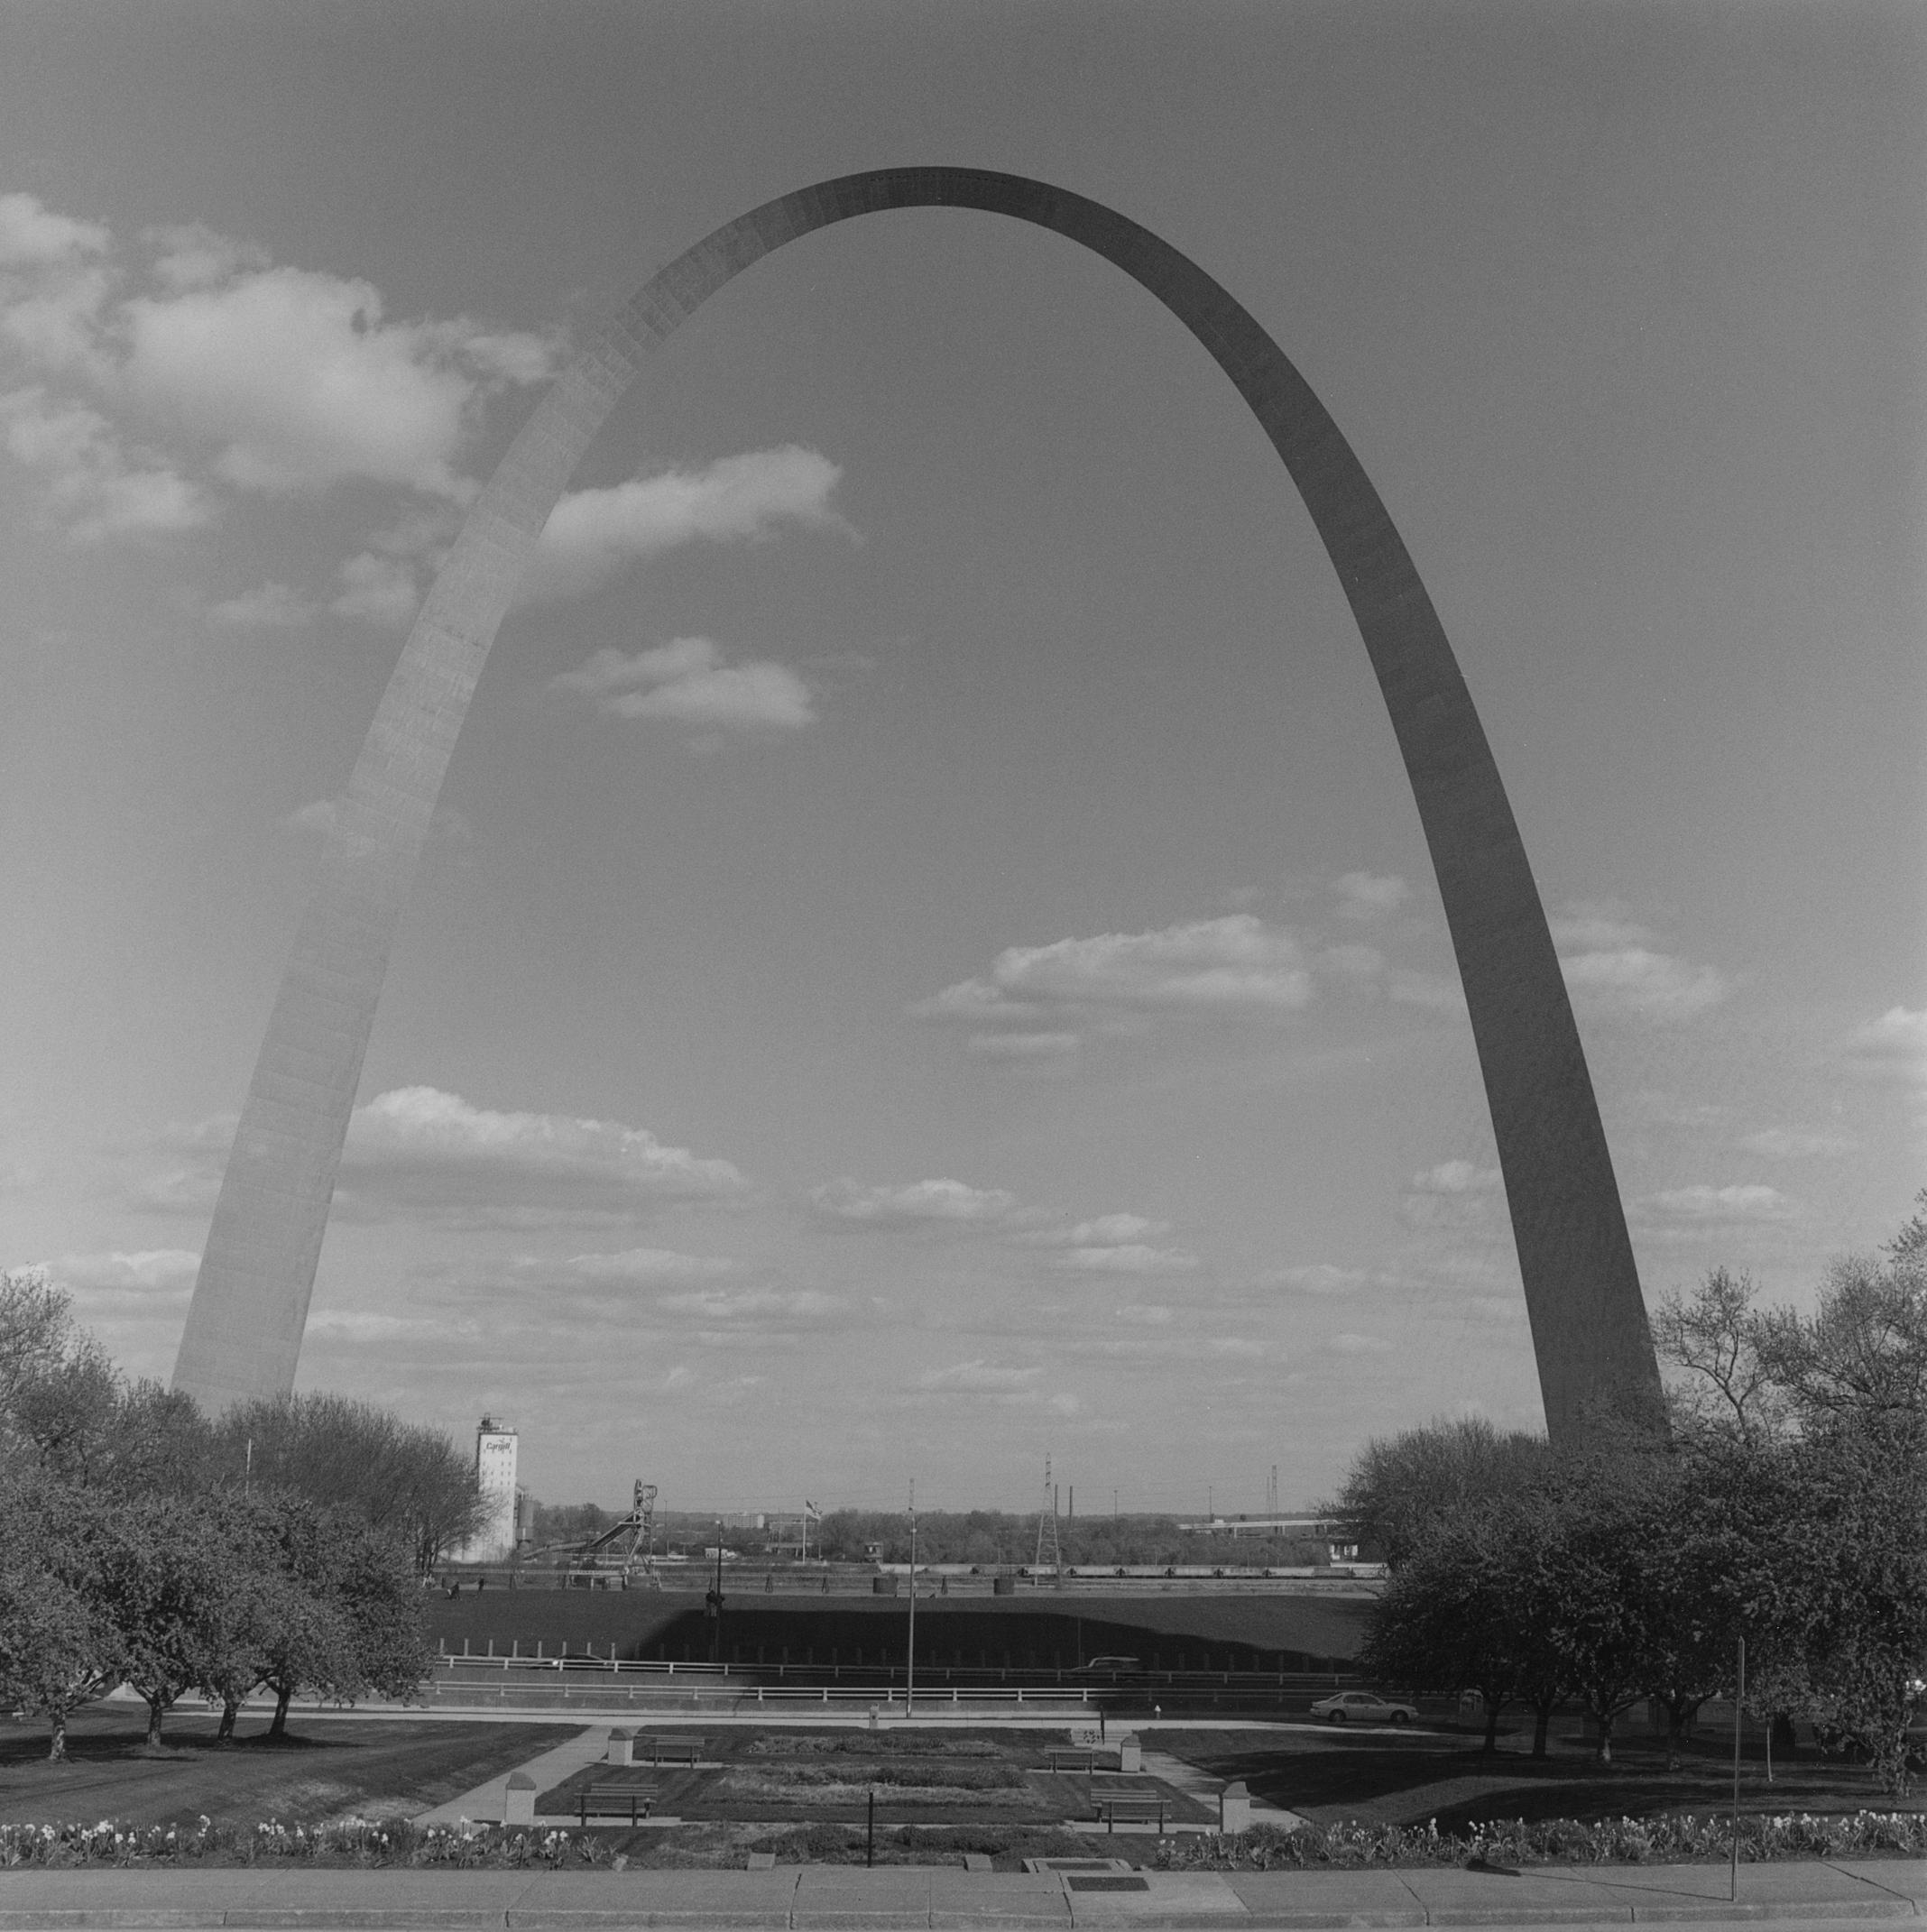 Gateway Arch National Park, St. Louis, Missouri, 2010